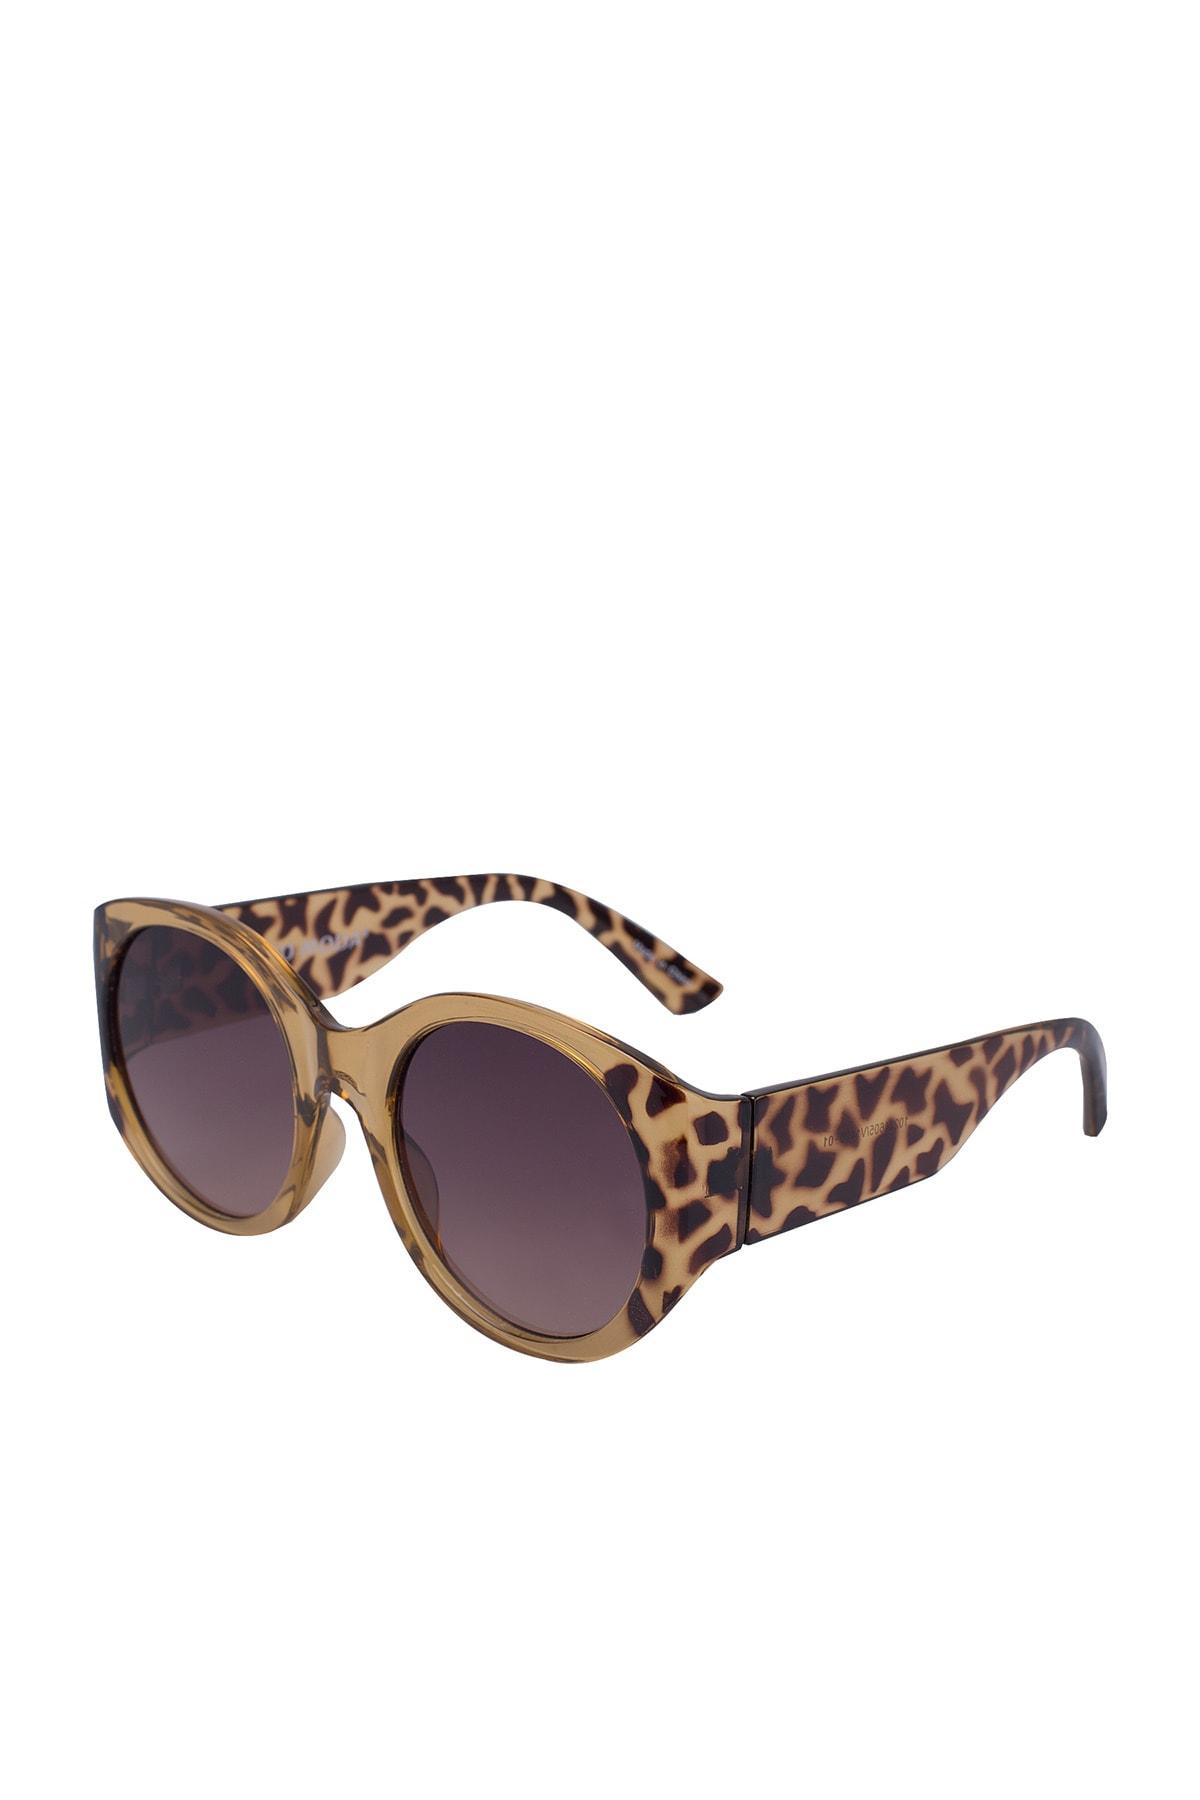 Vero Moda Accessories Vmlaura Gözlük Kadın Gözlük 10224605 1